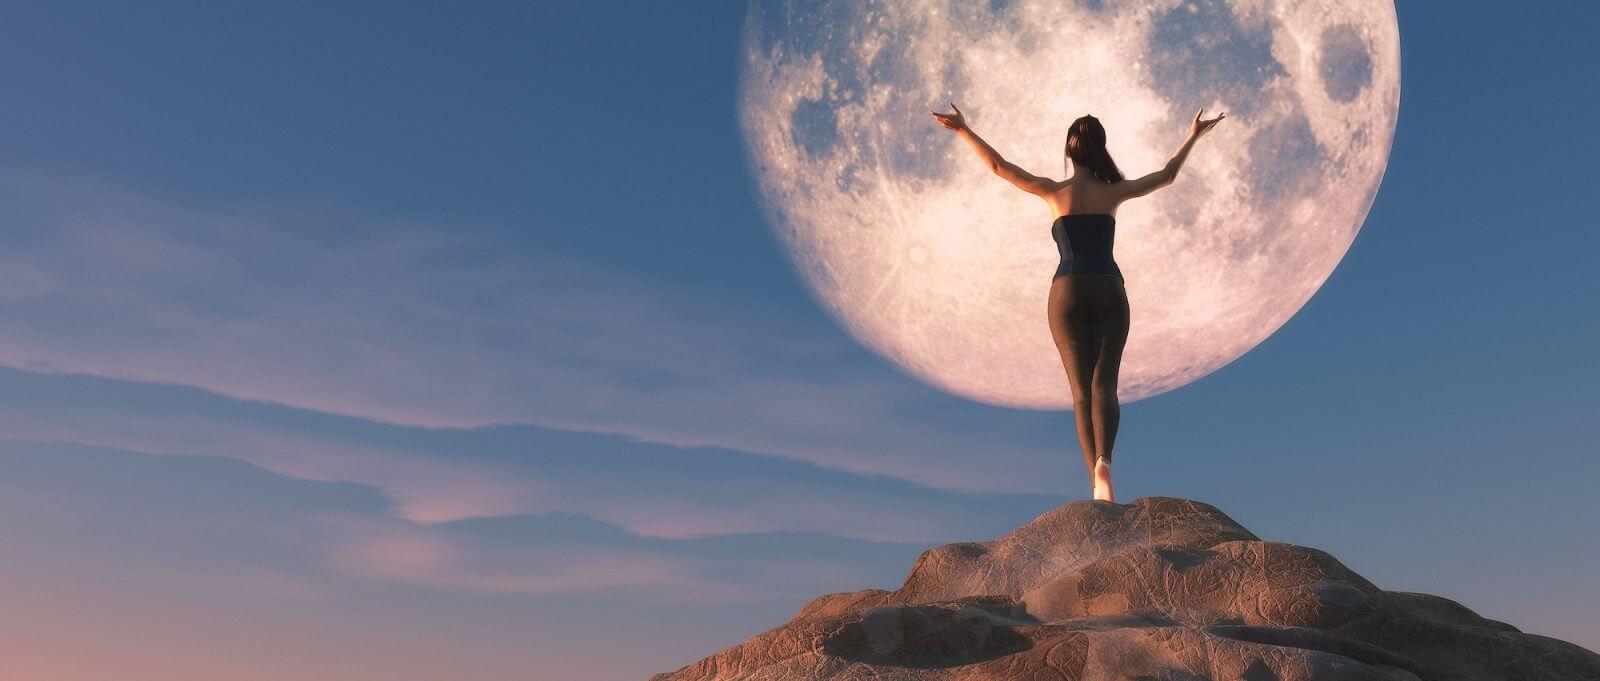 ciclo lunar y puntos lunares